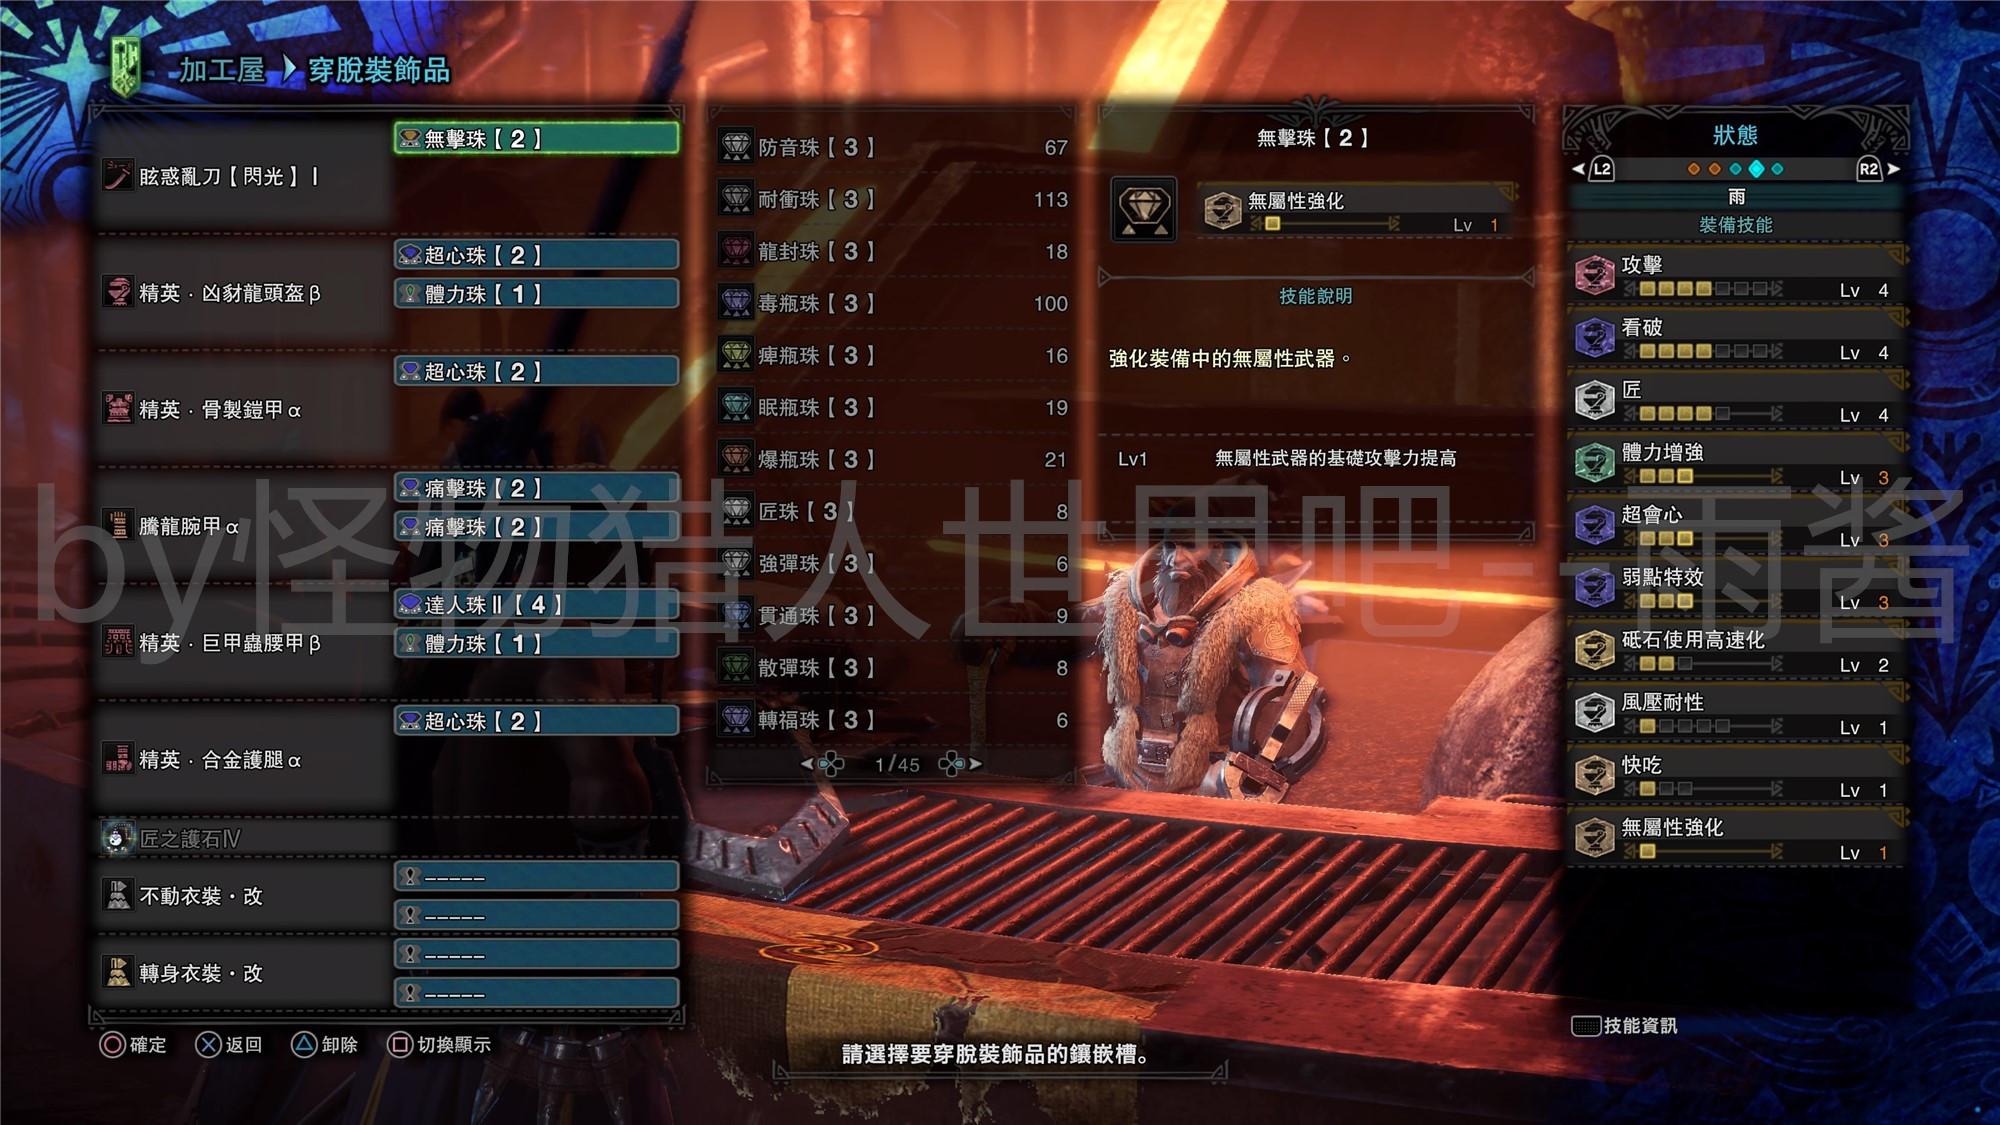 《怪物猎人:世界》冰原DLC太刀初期开荒配装推荐